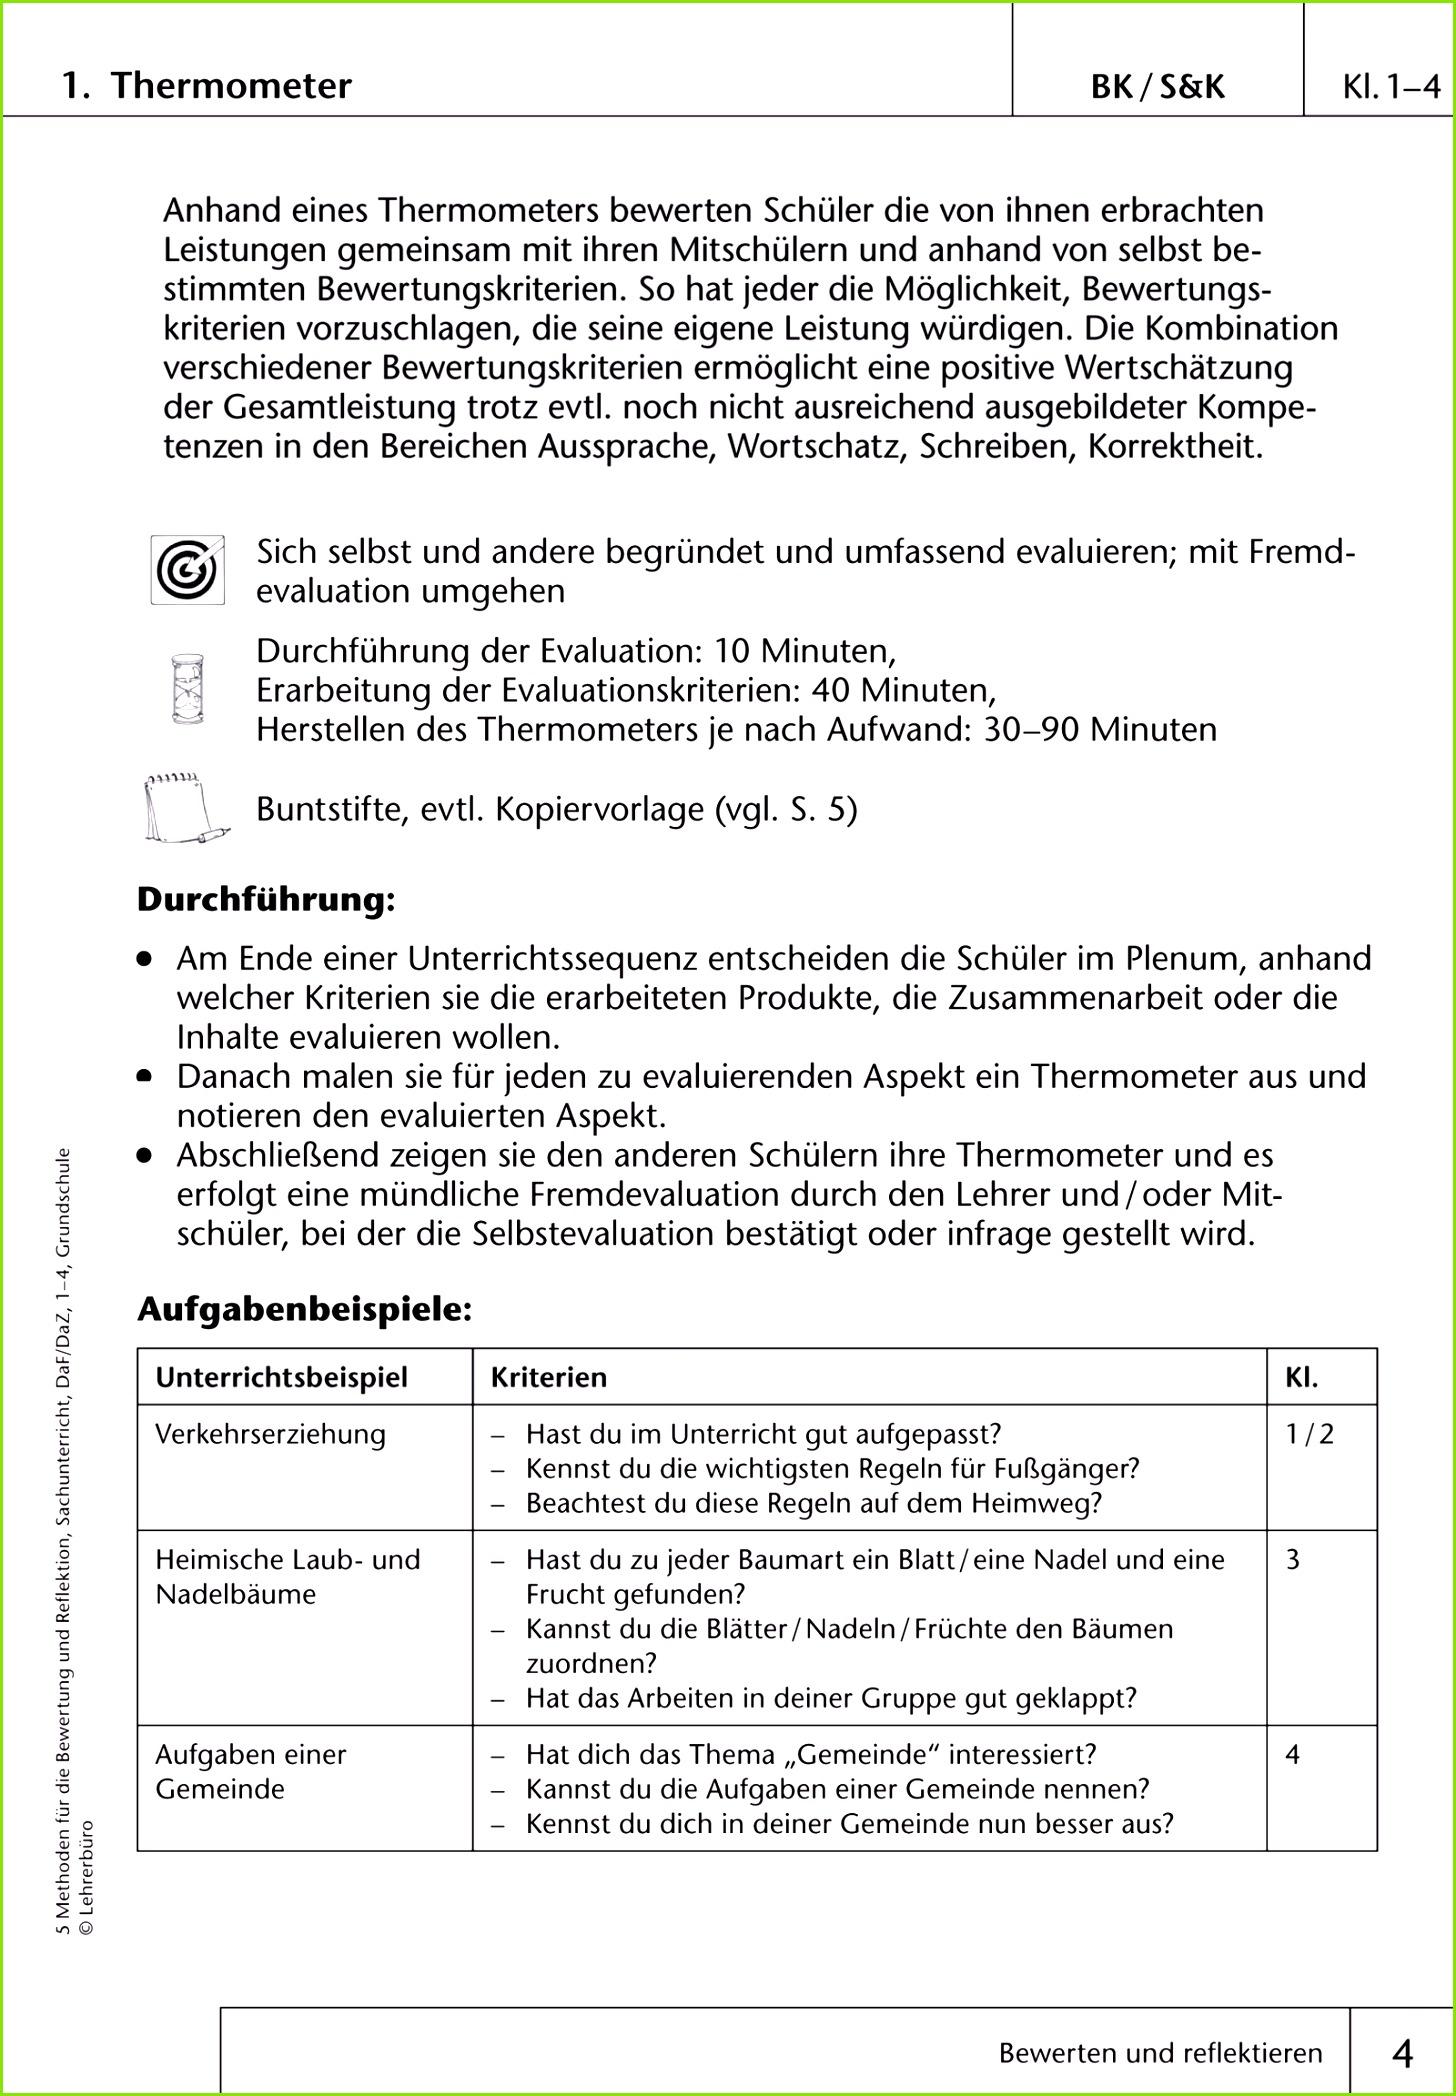 Bestellung Evakuierungshelfer Vorlage Einzigartig Einzigartig Bestellung Brandschutzbeauftragter Vorlagebgmeqy Bestellung Evakuierungshelfer Vorlage